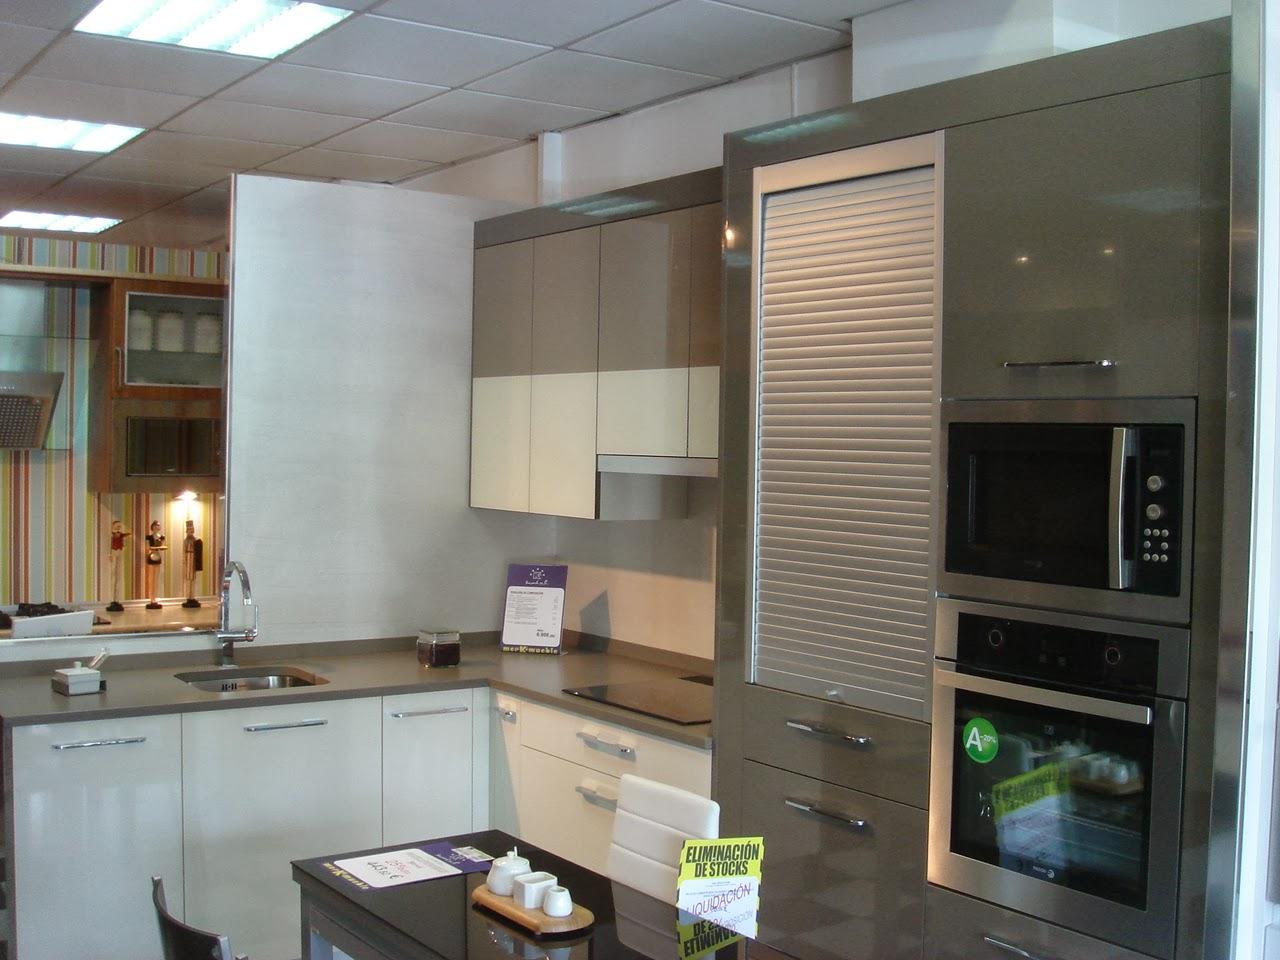 Merkamueble Aranda: Exposición de cocinas